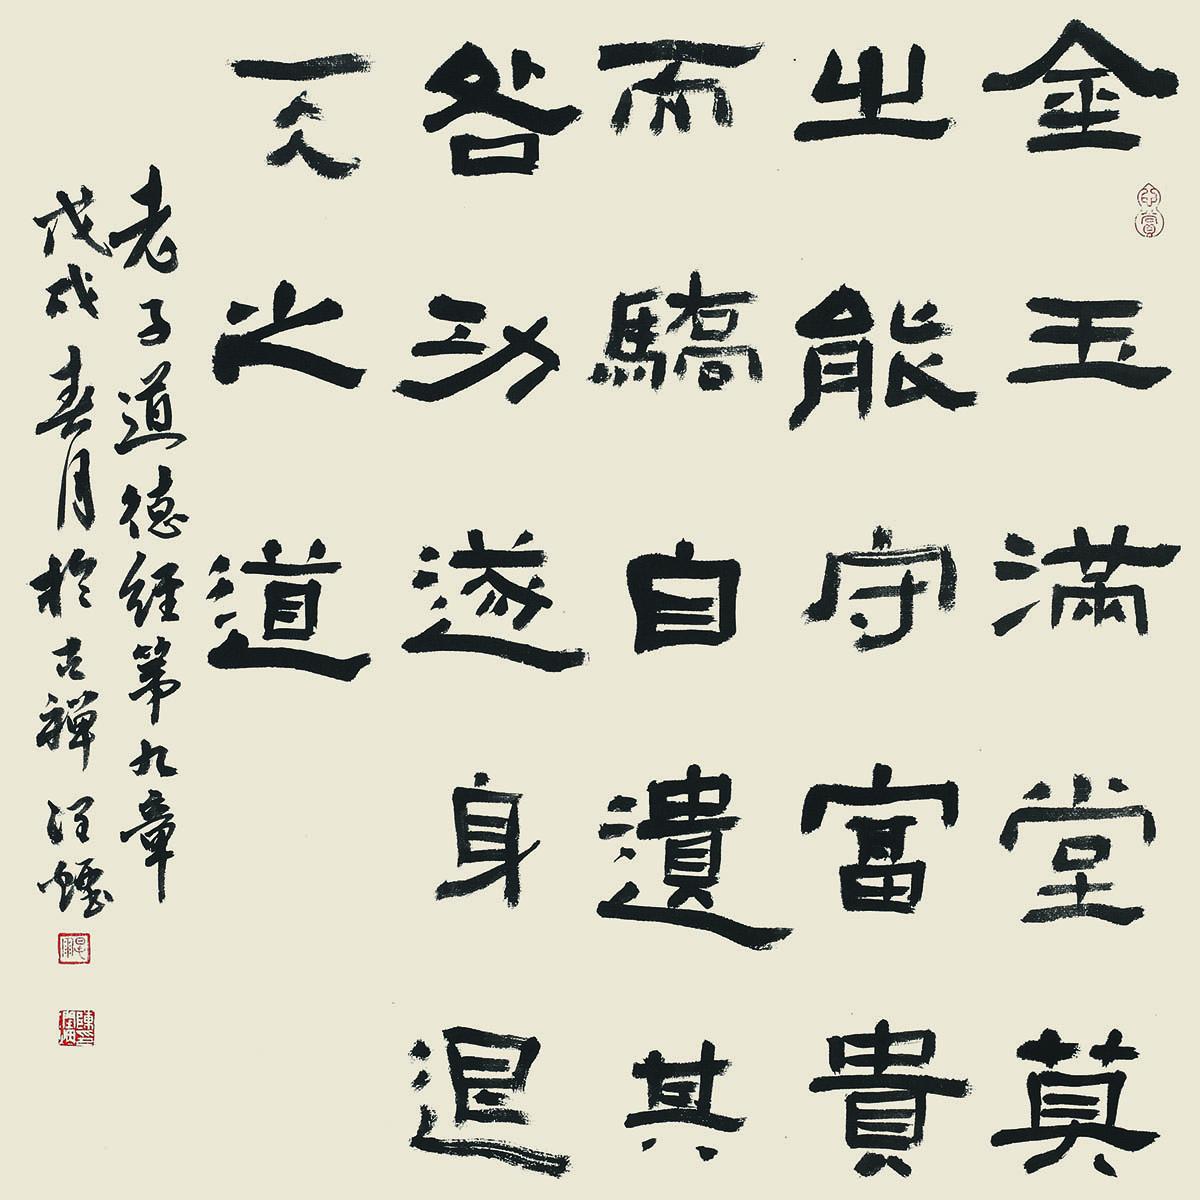 009陈润烟-隶书斗方-《道德经》第九章